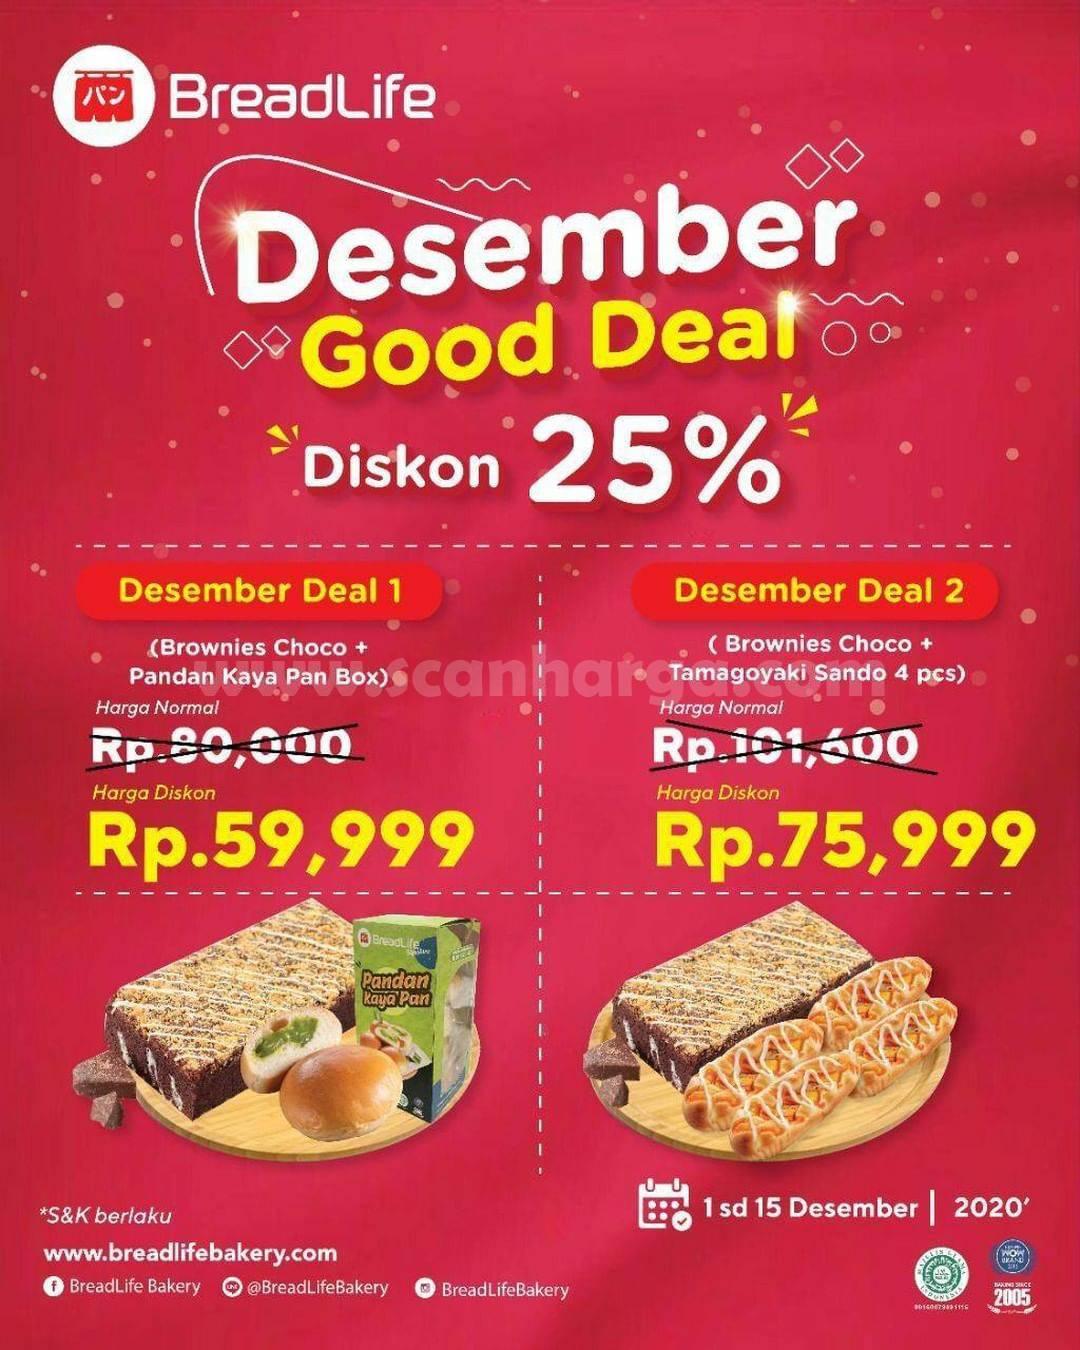 Breadlife Desember Good Deal - Diskon Aneka Roti Hemat hingga 25%